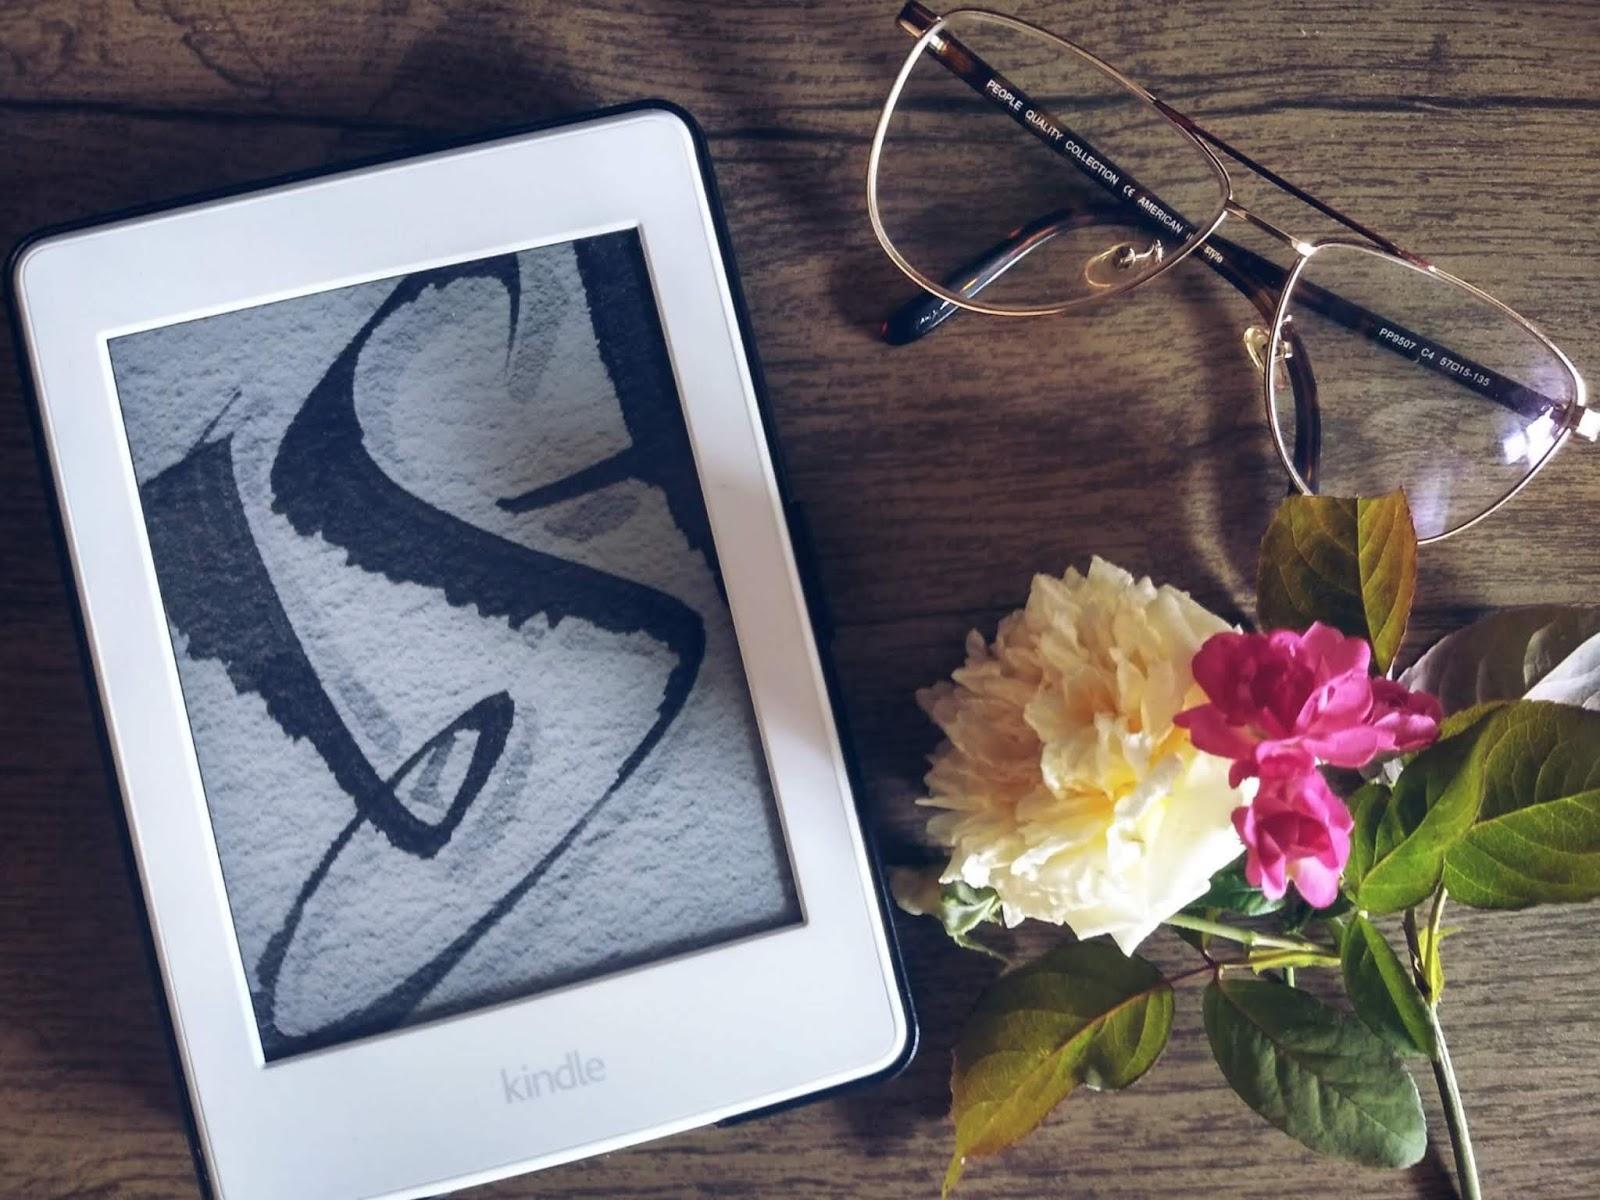 Resenha Kindle Paperwhite